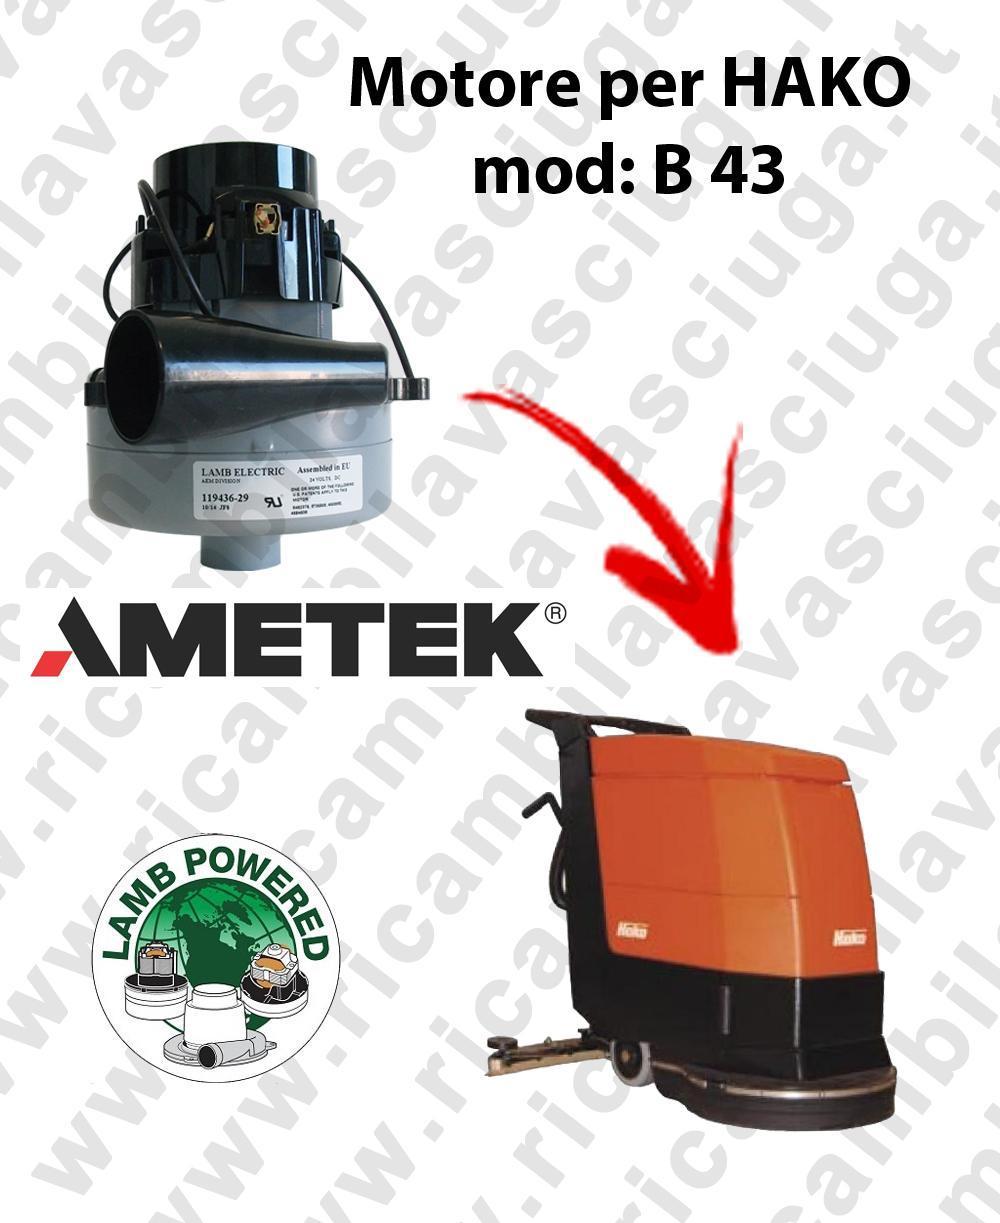 B 43 LAMB AMETEK vacuum motor for scrubber dryer HAKO